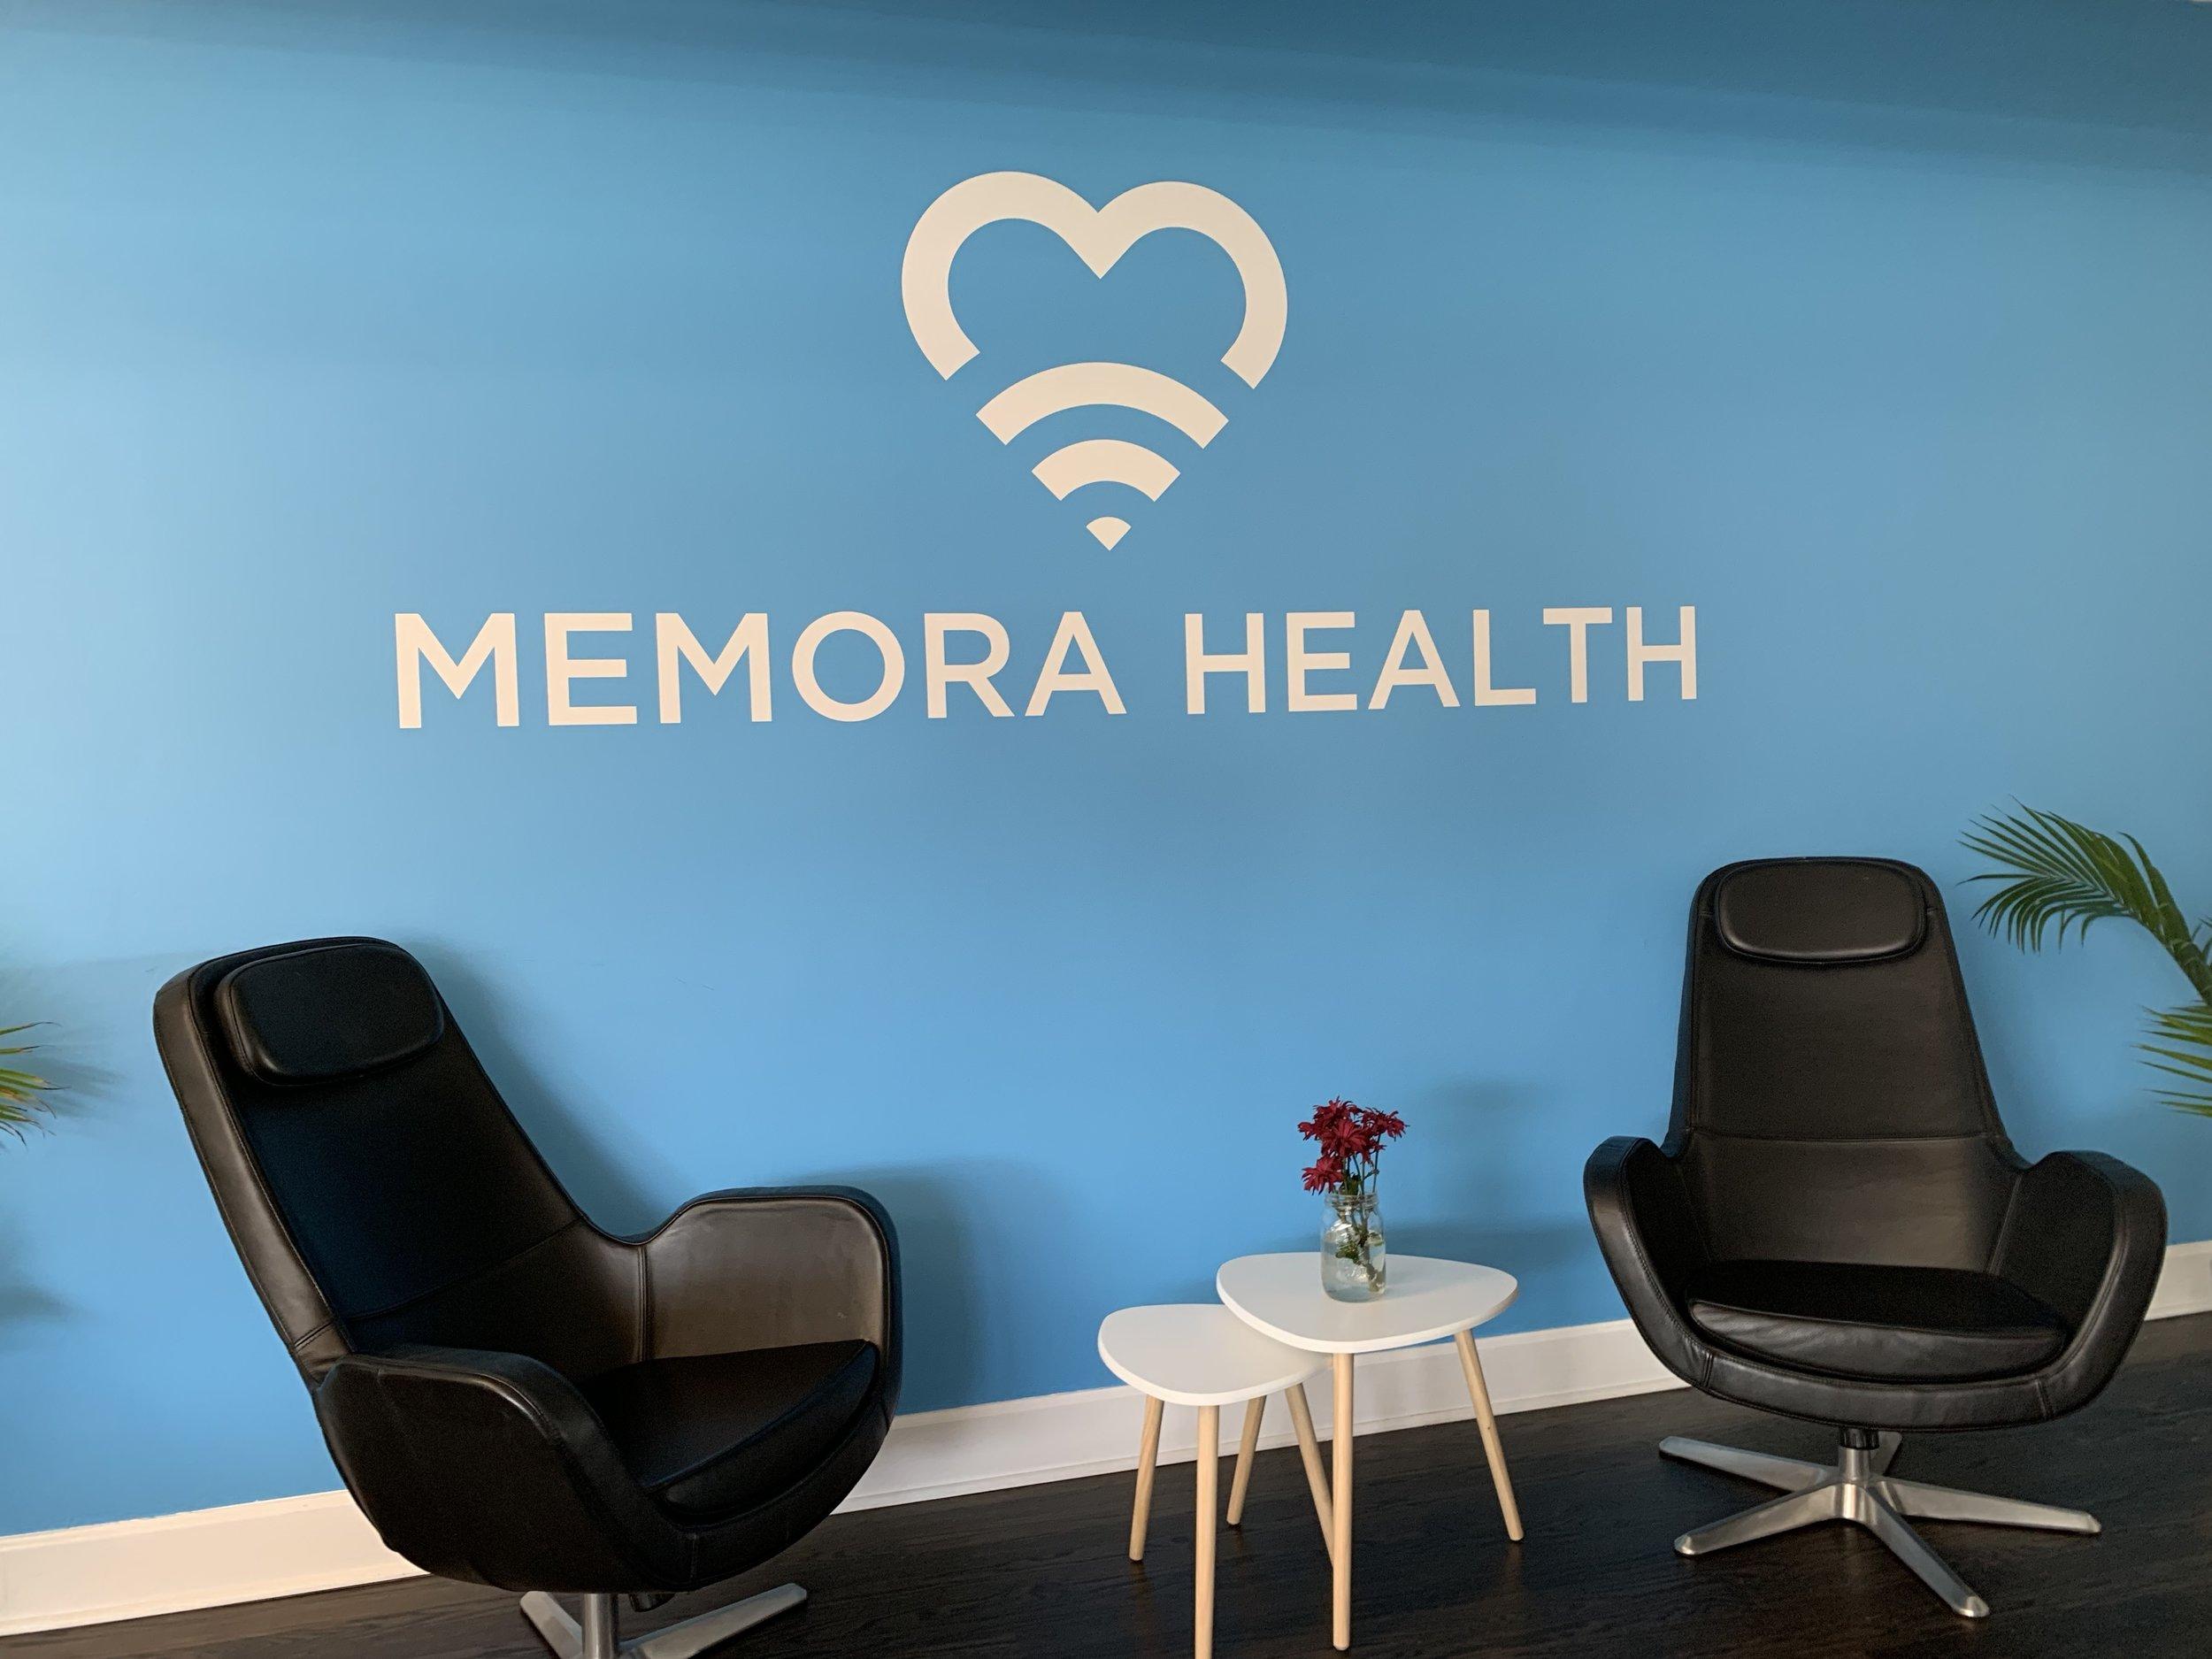 Memora Health